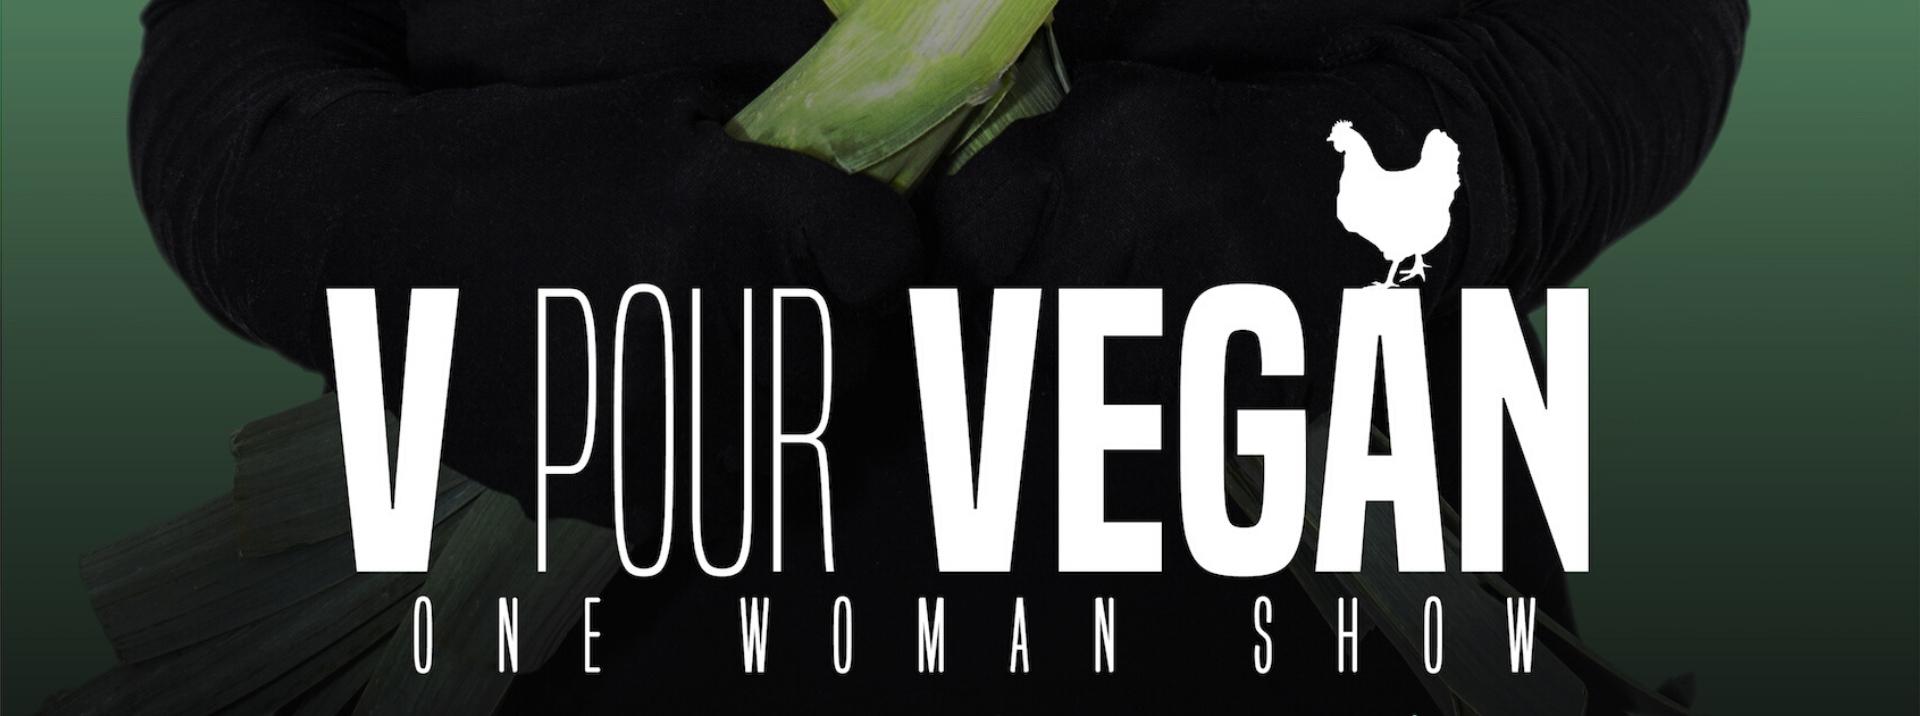 Vous êtes vegan, vous vivez à nantes ? Ce spectacle de Céline Iannucci est pour vous. À la compagnie du café théâtre de Nantes prochainement